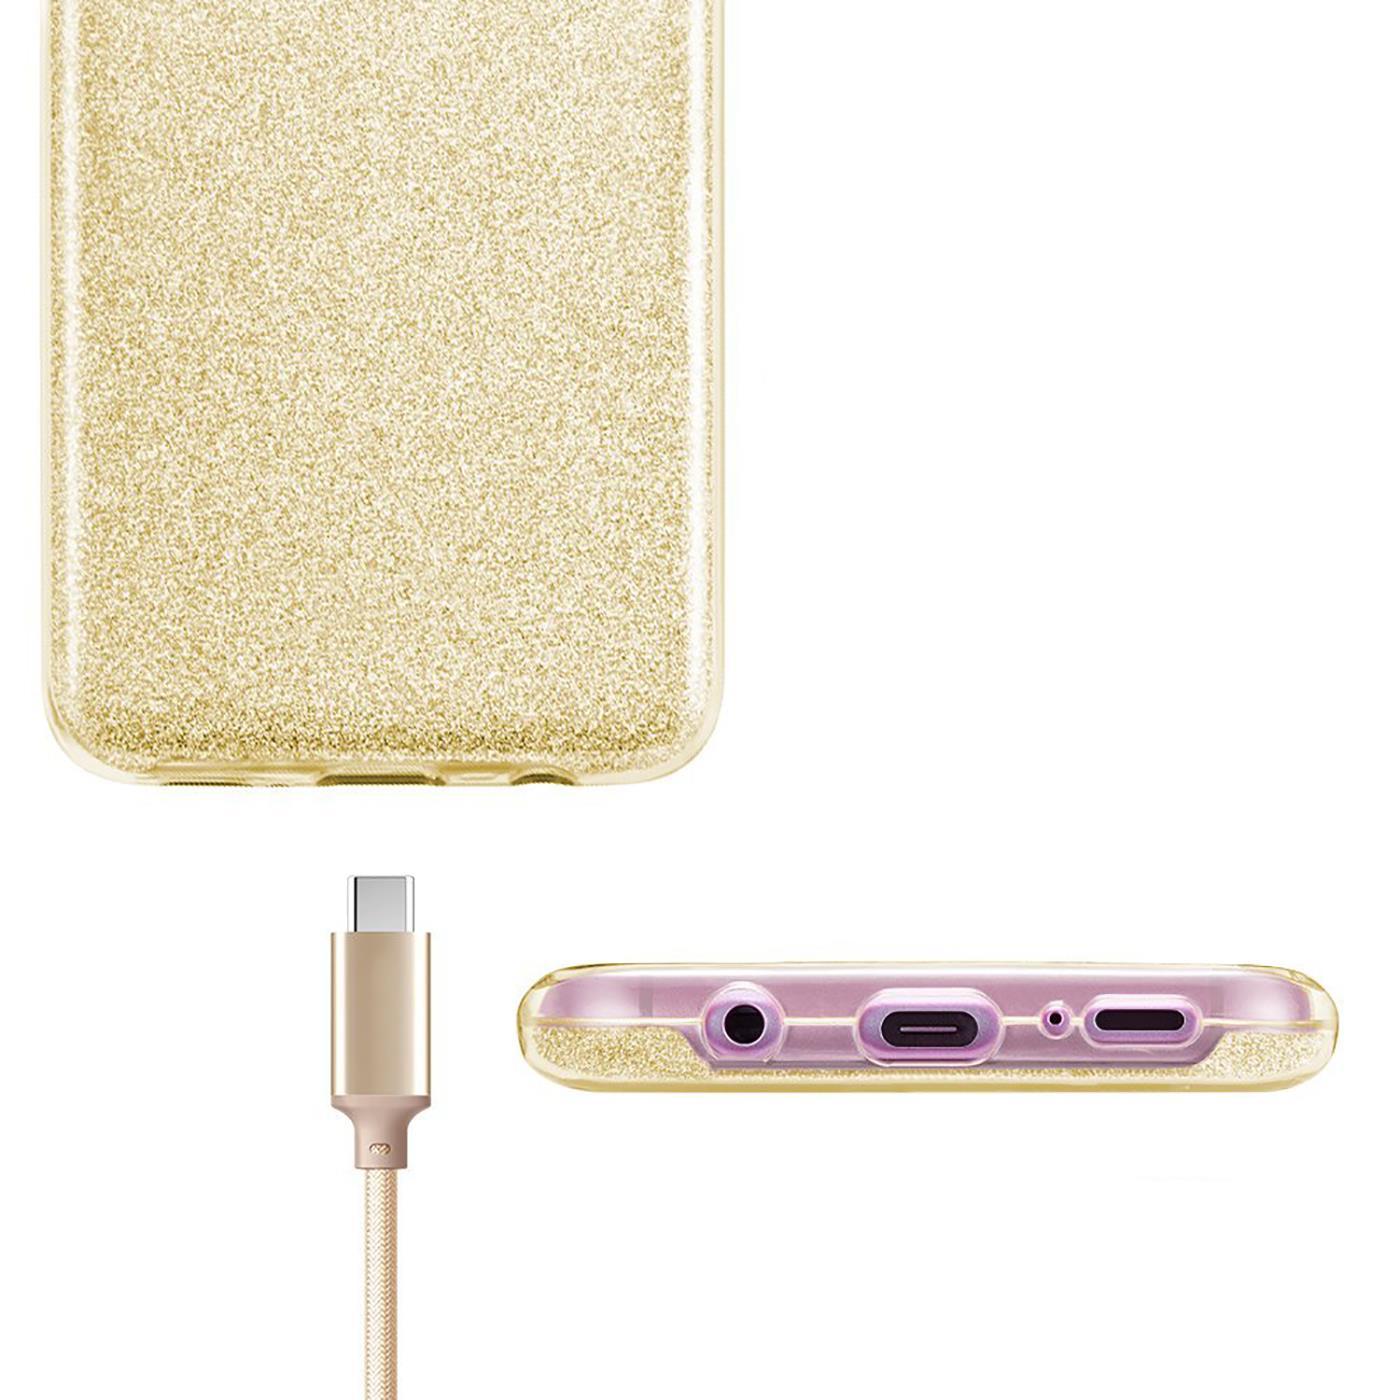 Samsung-Galaxy-S20-Serie-Schutz-Huelle-Handy-Tasche-Handyhuelle-Glitzer-Case-Slim Indexbild 9